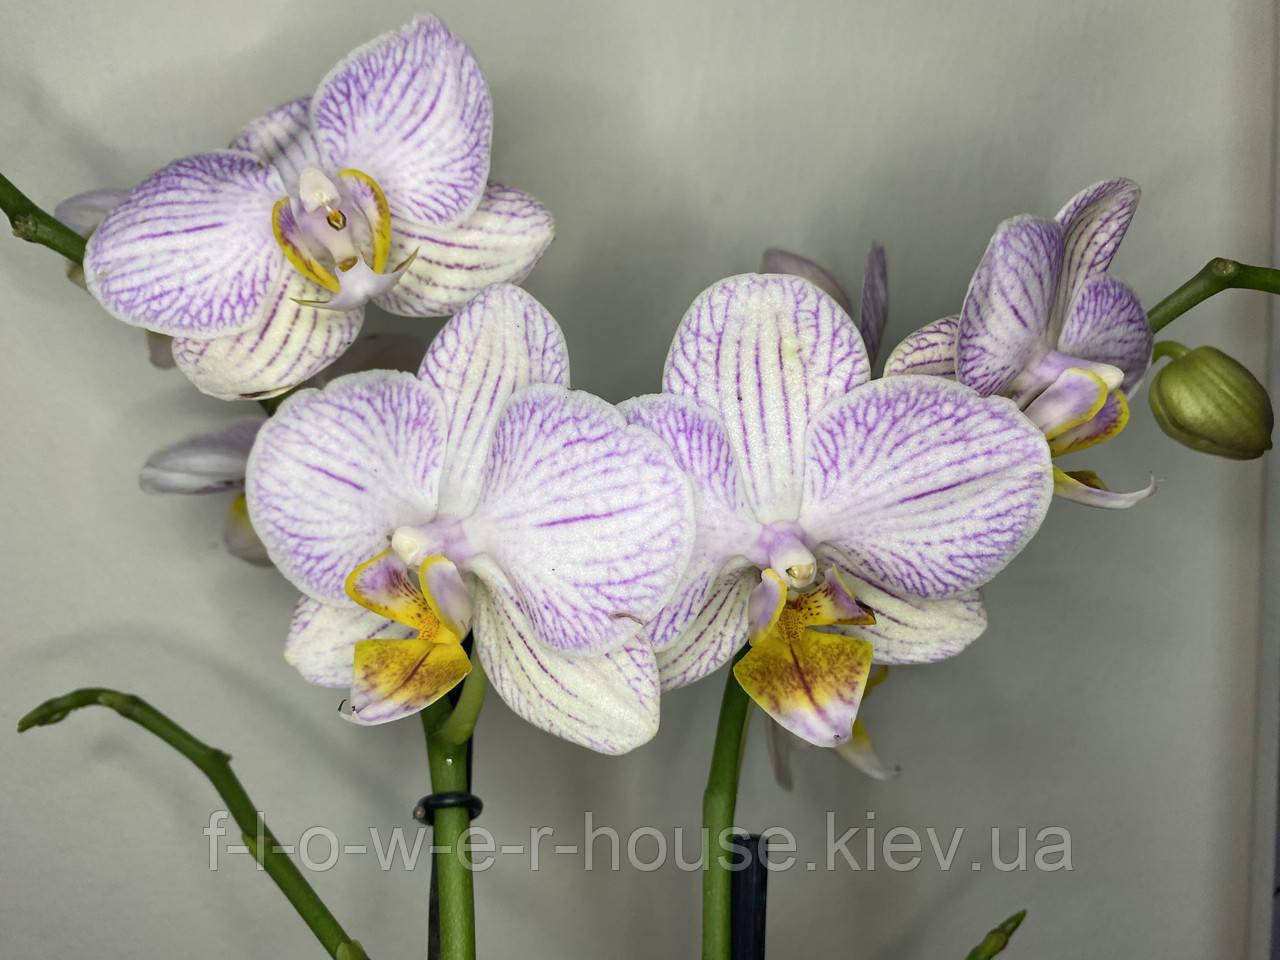 Орхидея Сирень с яркими губками